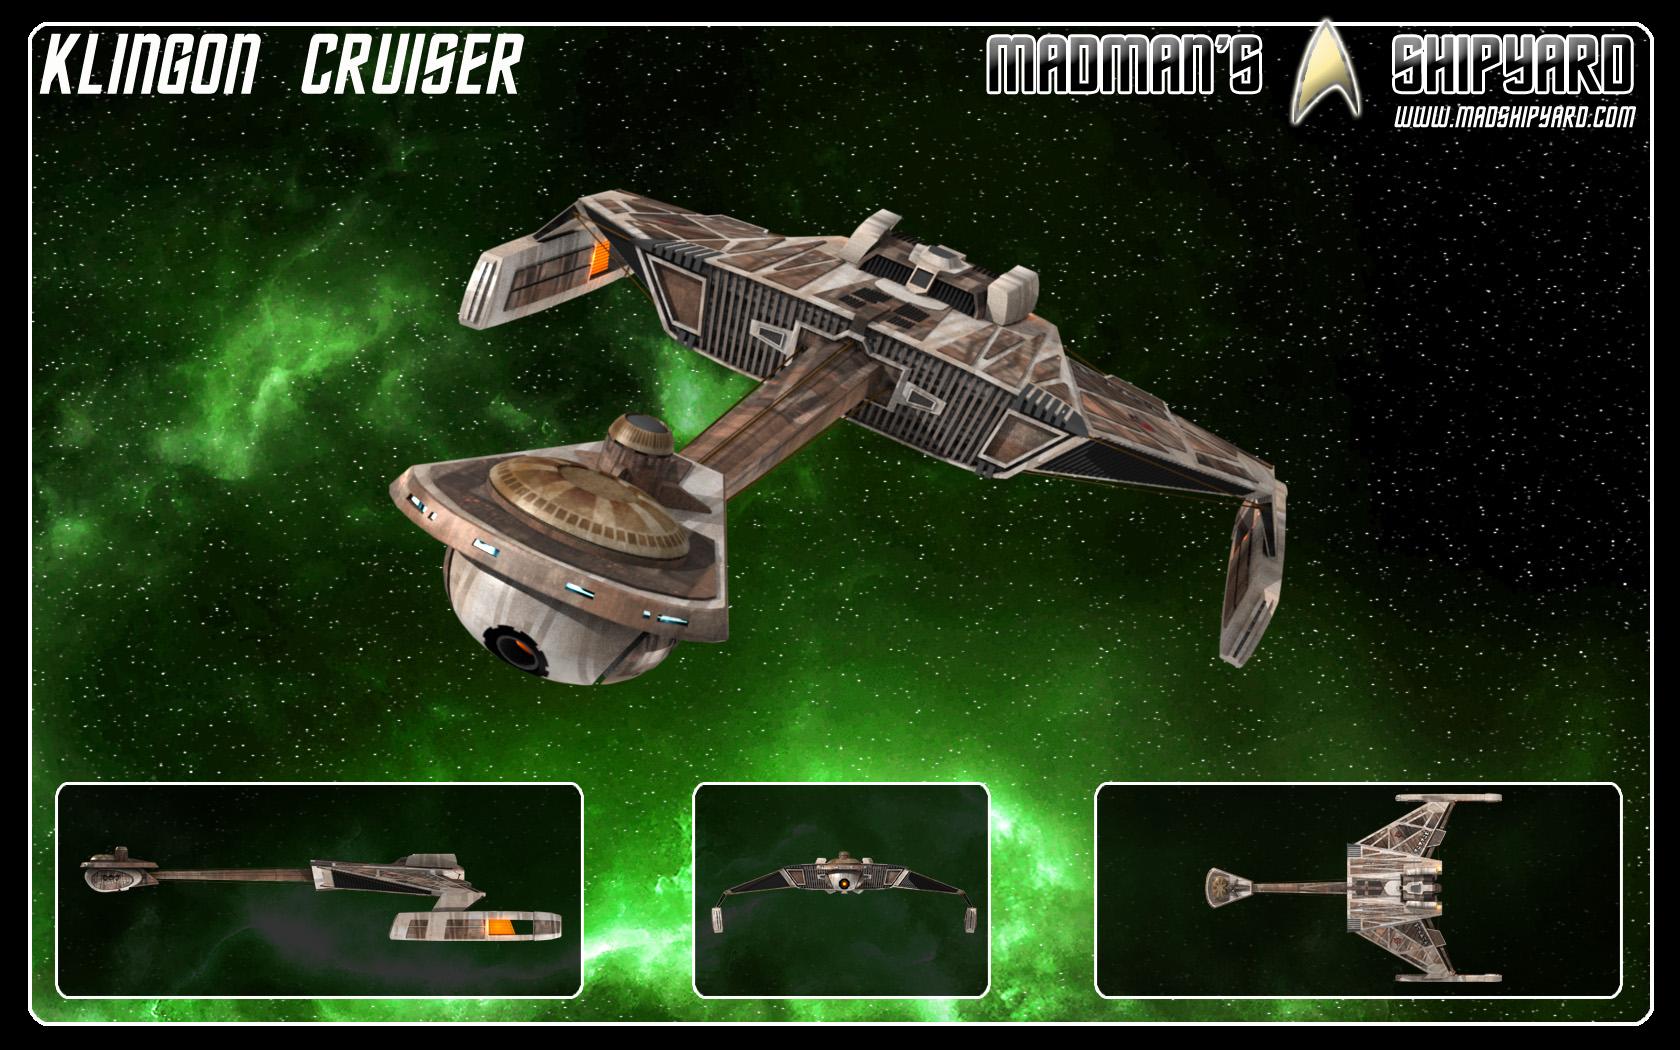 klingond6cruiser.jpg